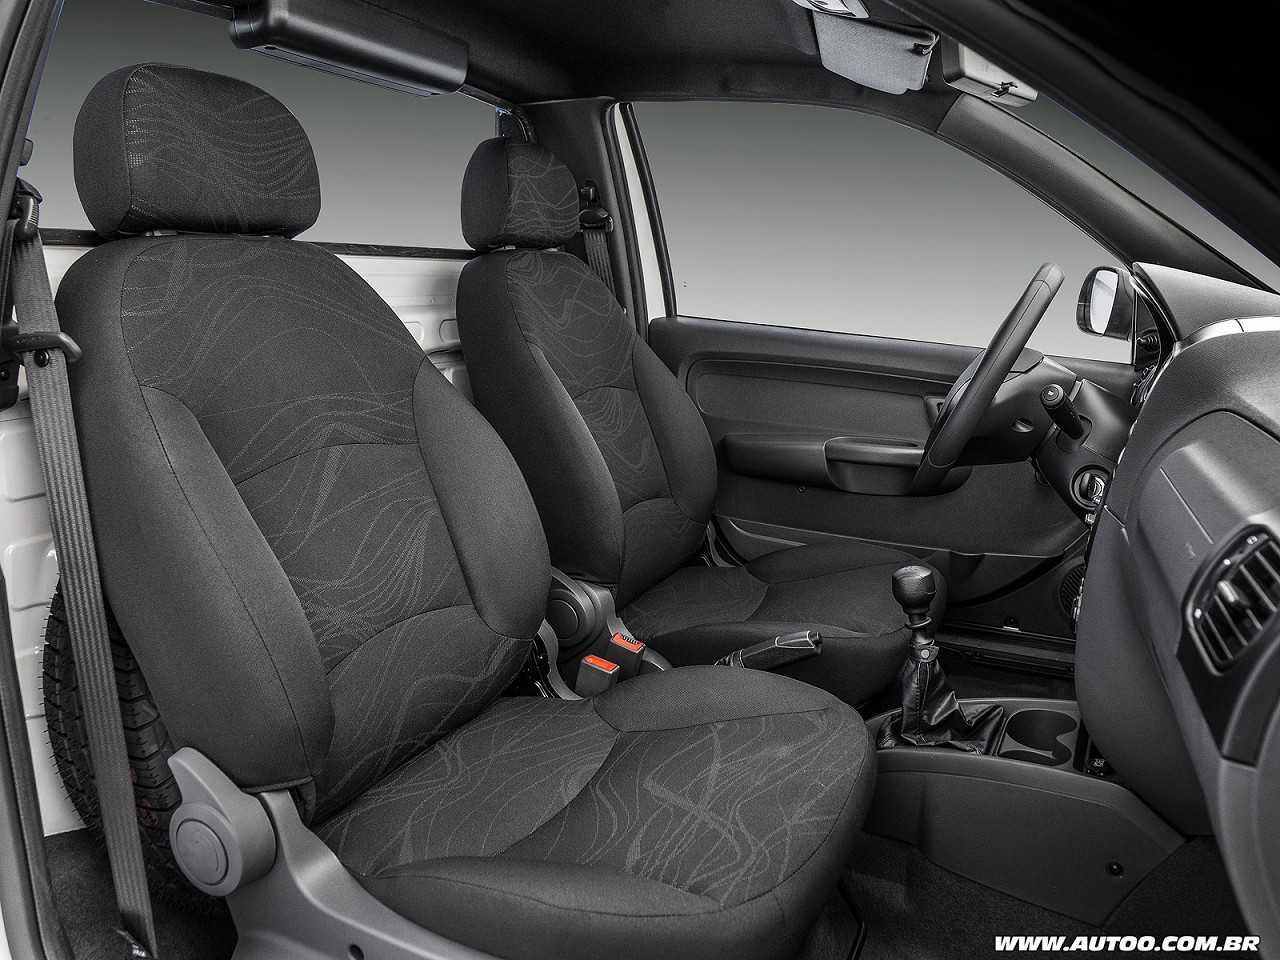 FiatStrada 2019 - bancos dianteiros